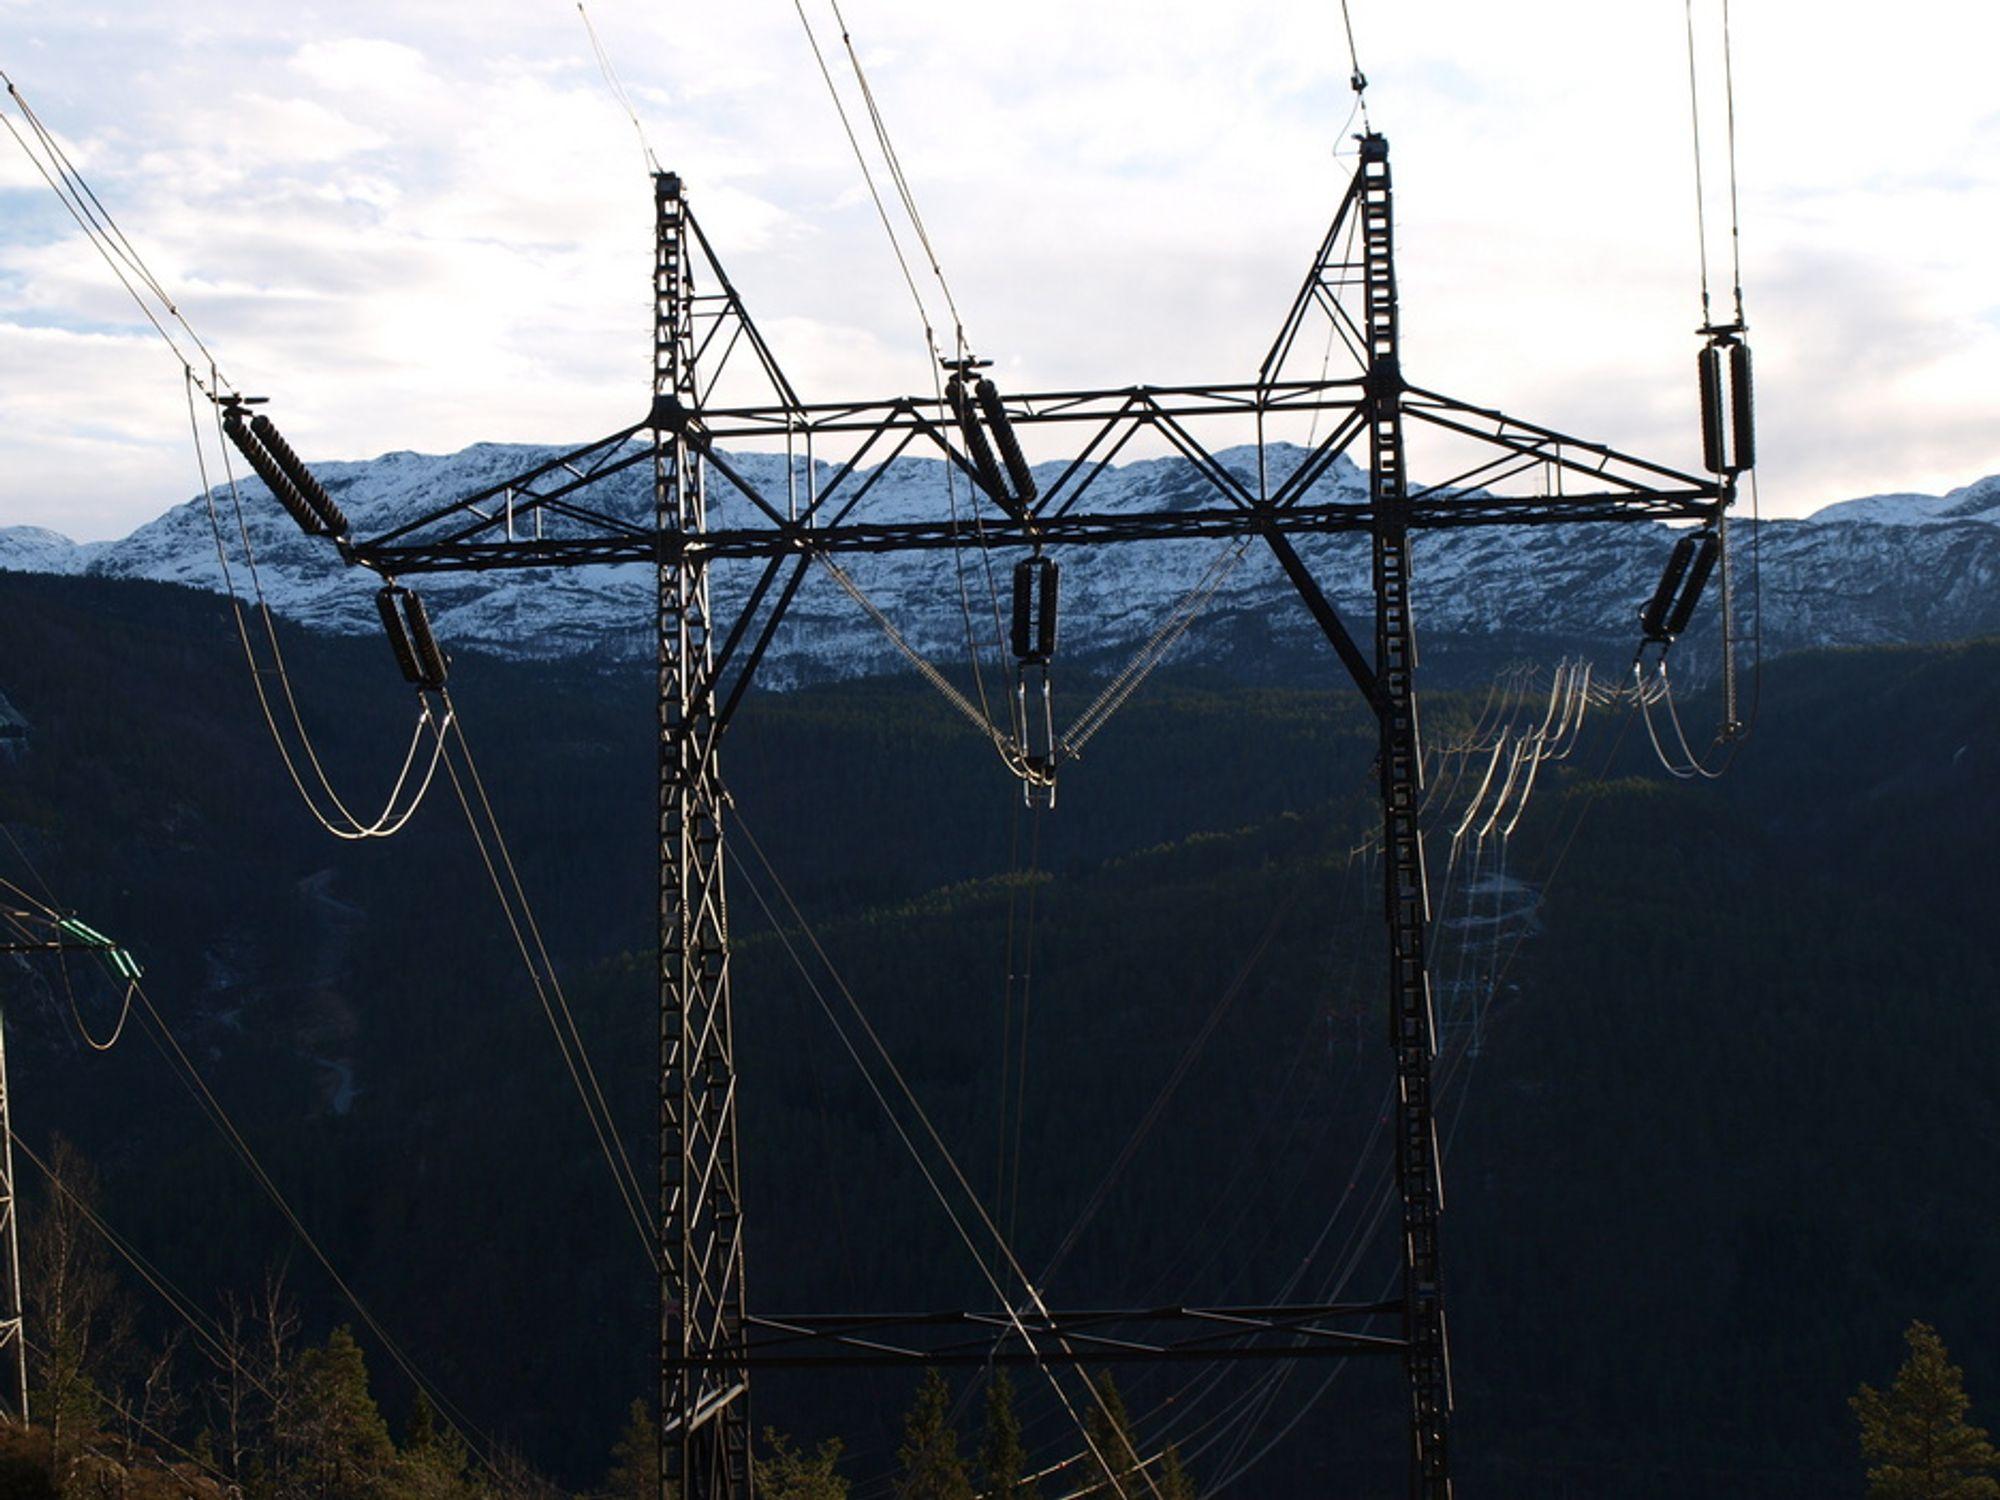 KAMUFLERT MAST: Slike kamuflerte kraftmaster uten lysmerking ved fjordspenn kan bli fatale for helikopterflyvere i mørke og dårlig vær, advarer Norsk Luftambulanse.